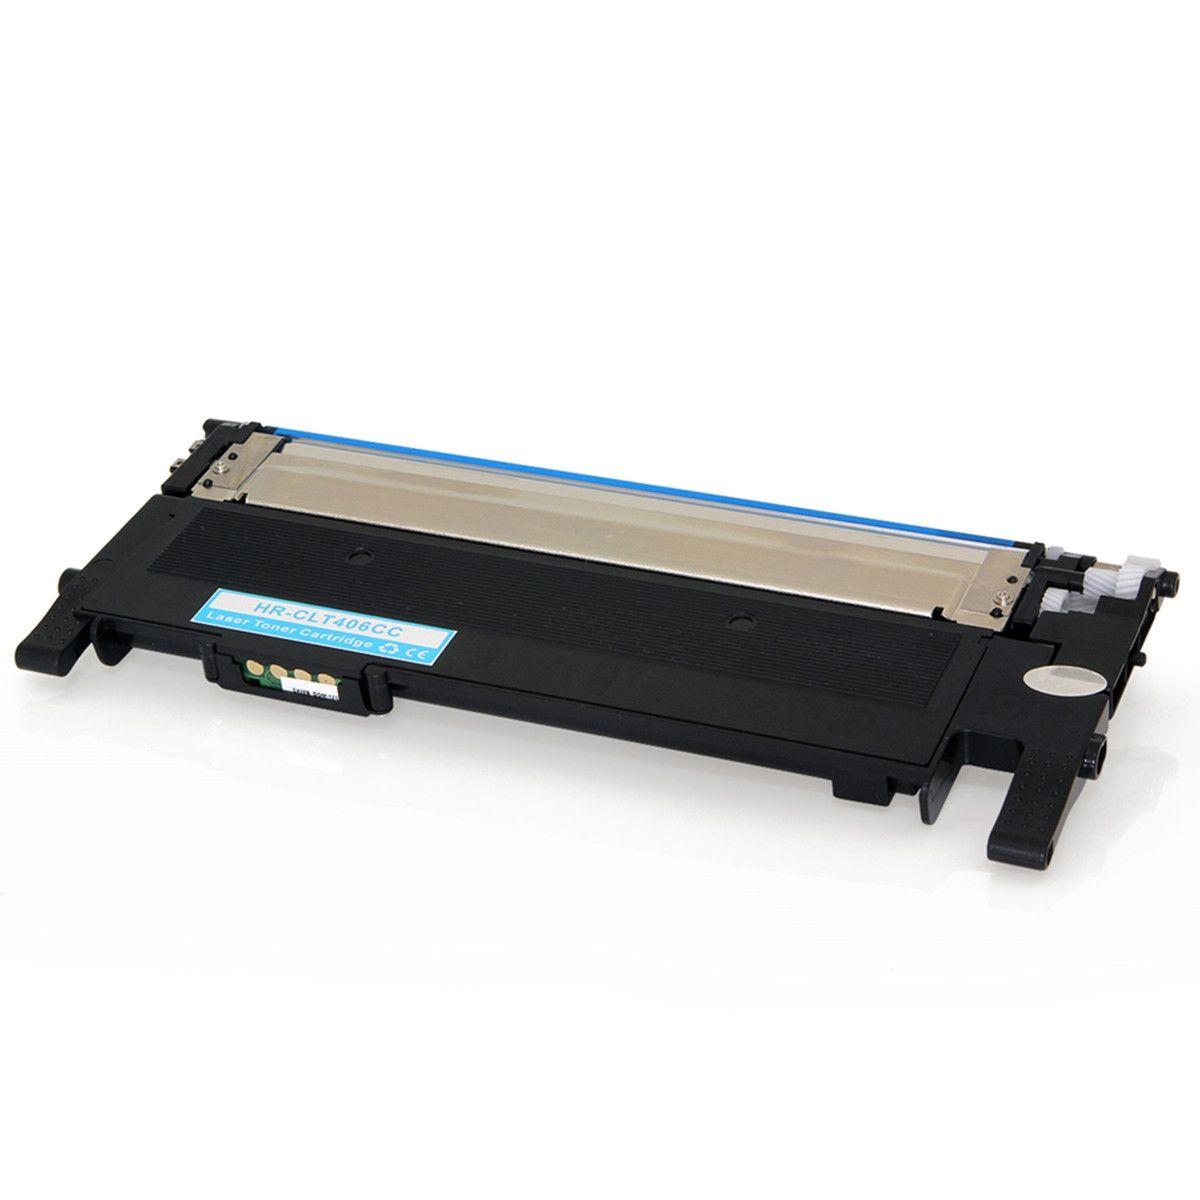 Toner compatível com SAMSUNG CLT-C406S LP365W CLP365 CLP360 CLX3305 C460W C460FW Ciano 1.000 Páginas - Cartucho & Cia